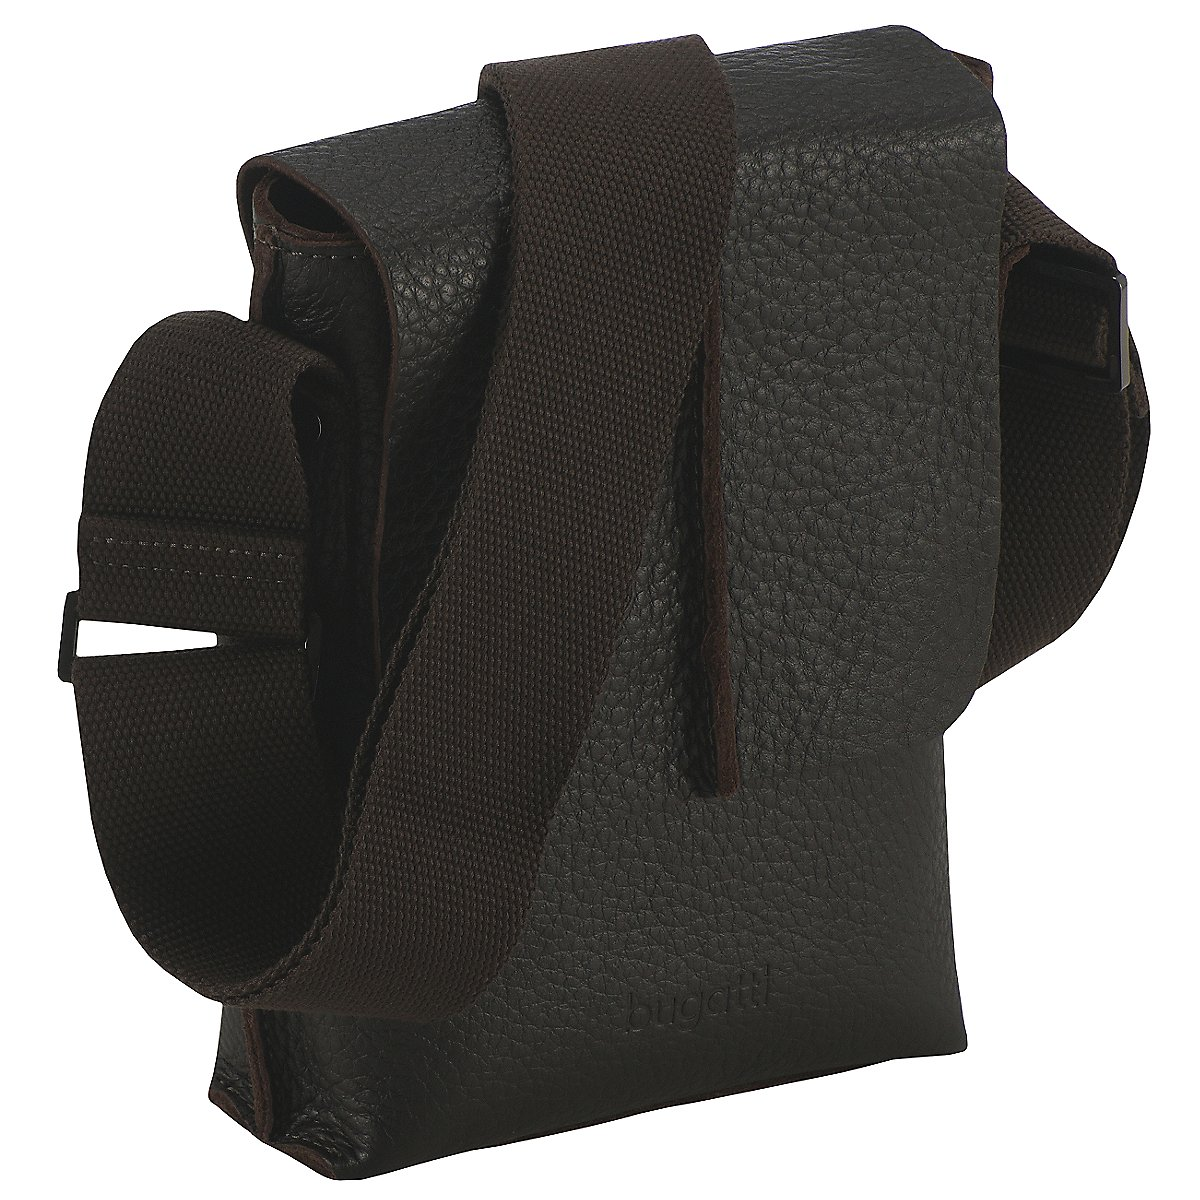 Artikel klicken und genauer betrachten! - Organizer - Innentasche / Inneneinteilung - Über der Schulter tragbar - Leder - Schwarz - Braun - | im Online Shop kaufen